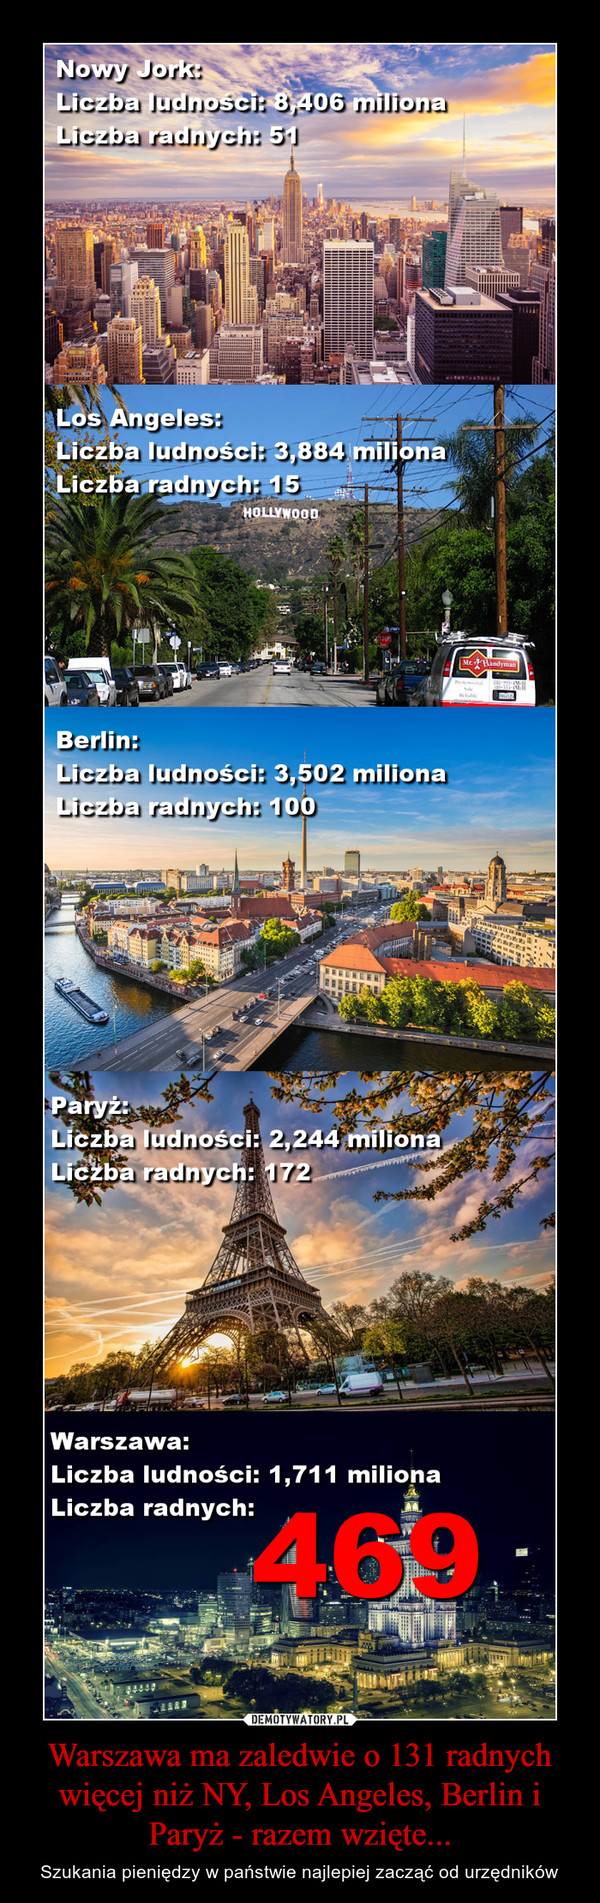 Warszawa ma zaledwie o 131 radnych więcej niż NY, Los Angeles, Berlin i Paryż - razem wzięte... – Szukania pieniędzy w państwie najlepiej zacząć od urzędników Nowy Jork:Liczba ludności: 8,406 milionaLiczba radnych: 51Los Angeles:Liczba ludności: 3,884 milionaLiczba radnych: 15BerlinLiczba ludności: 3,502 milionaLiczba radnych: 100ParyżLiczba ludności: 2,244 milionaLiczba radnych: 172WarszawaLiczba ludności: 1,711 milionaLiczba radnych: 469